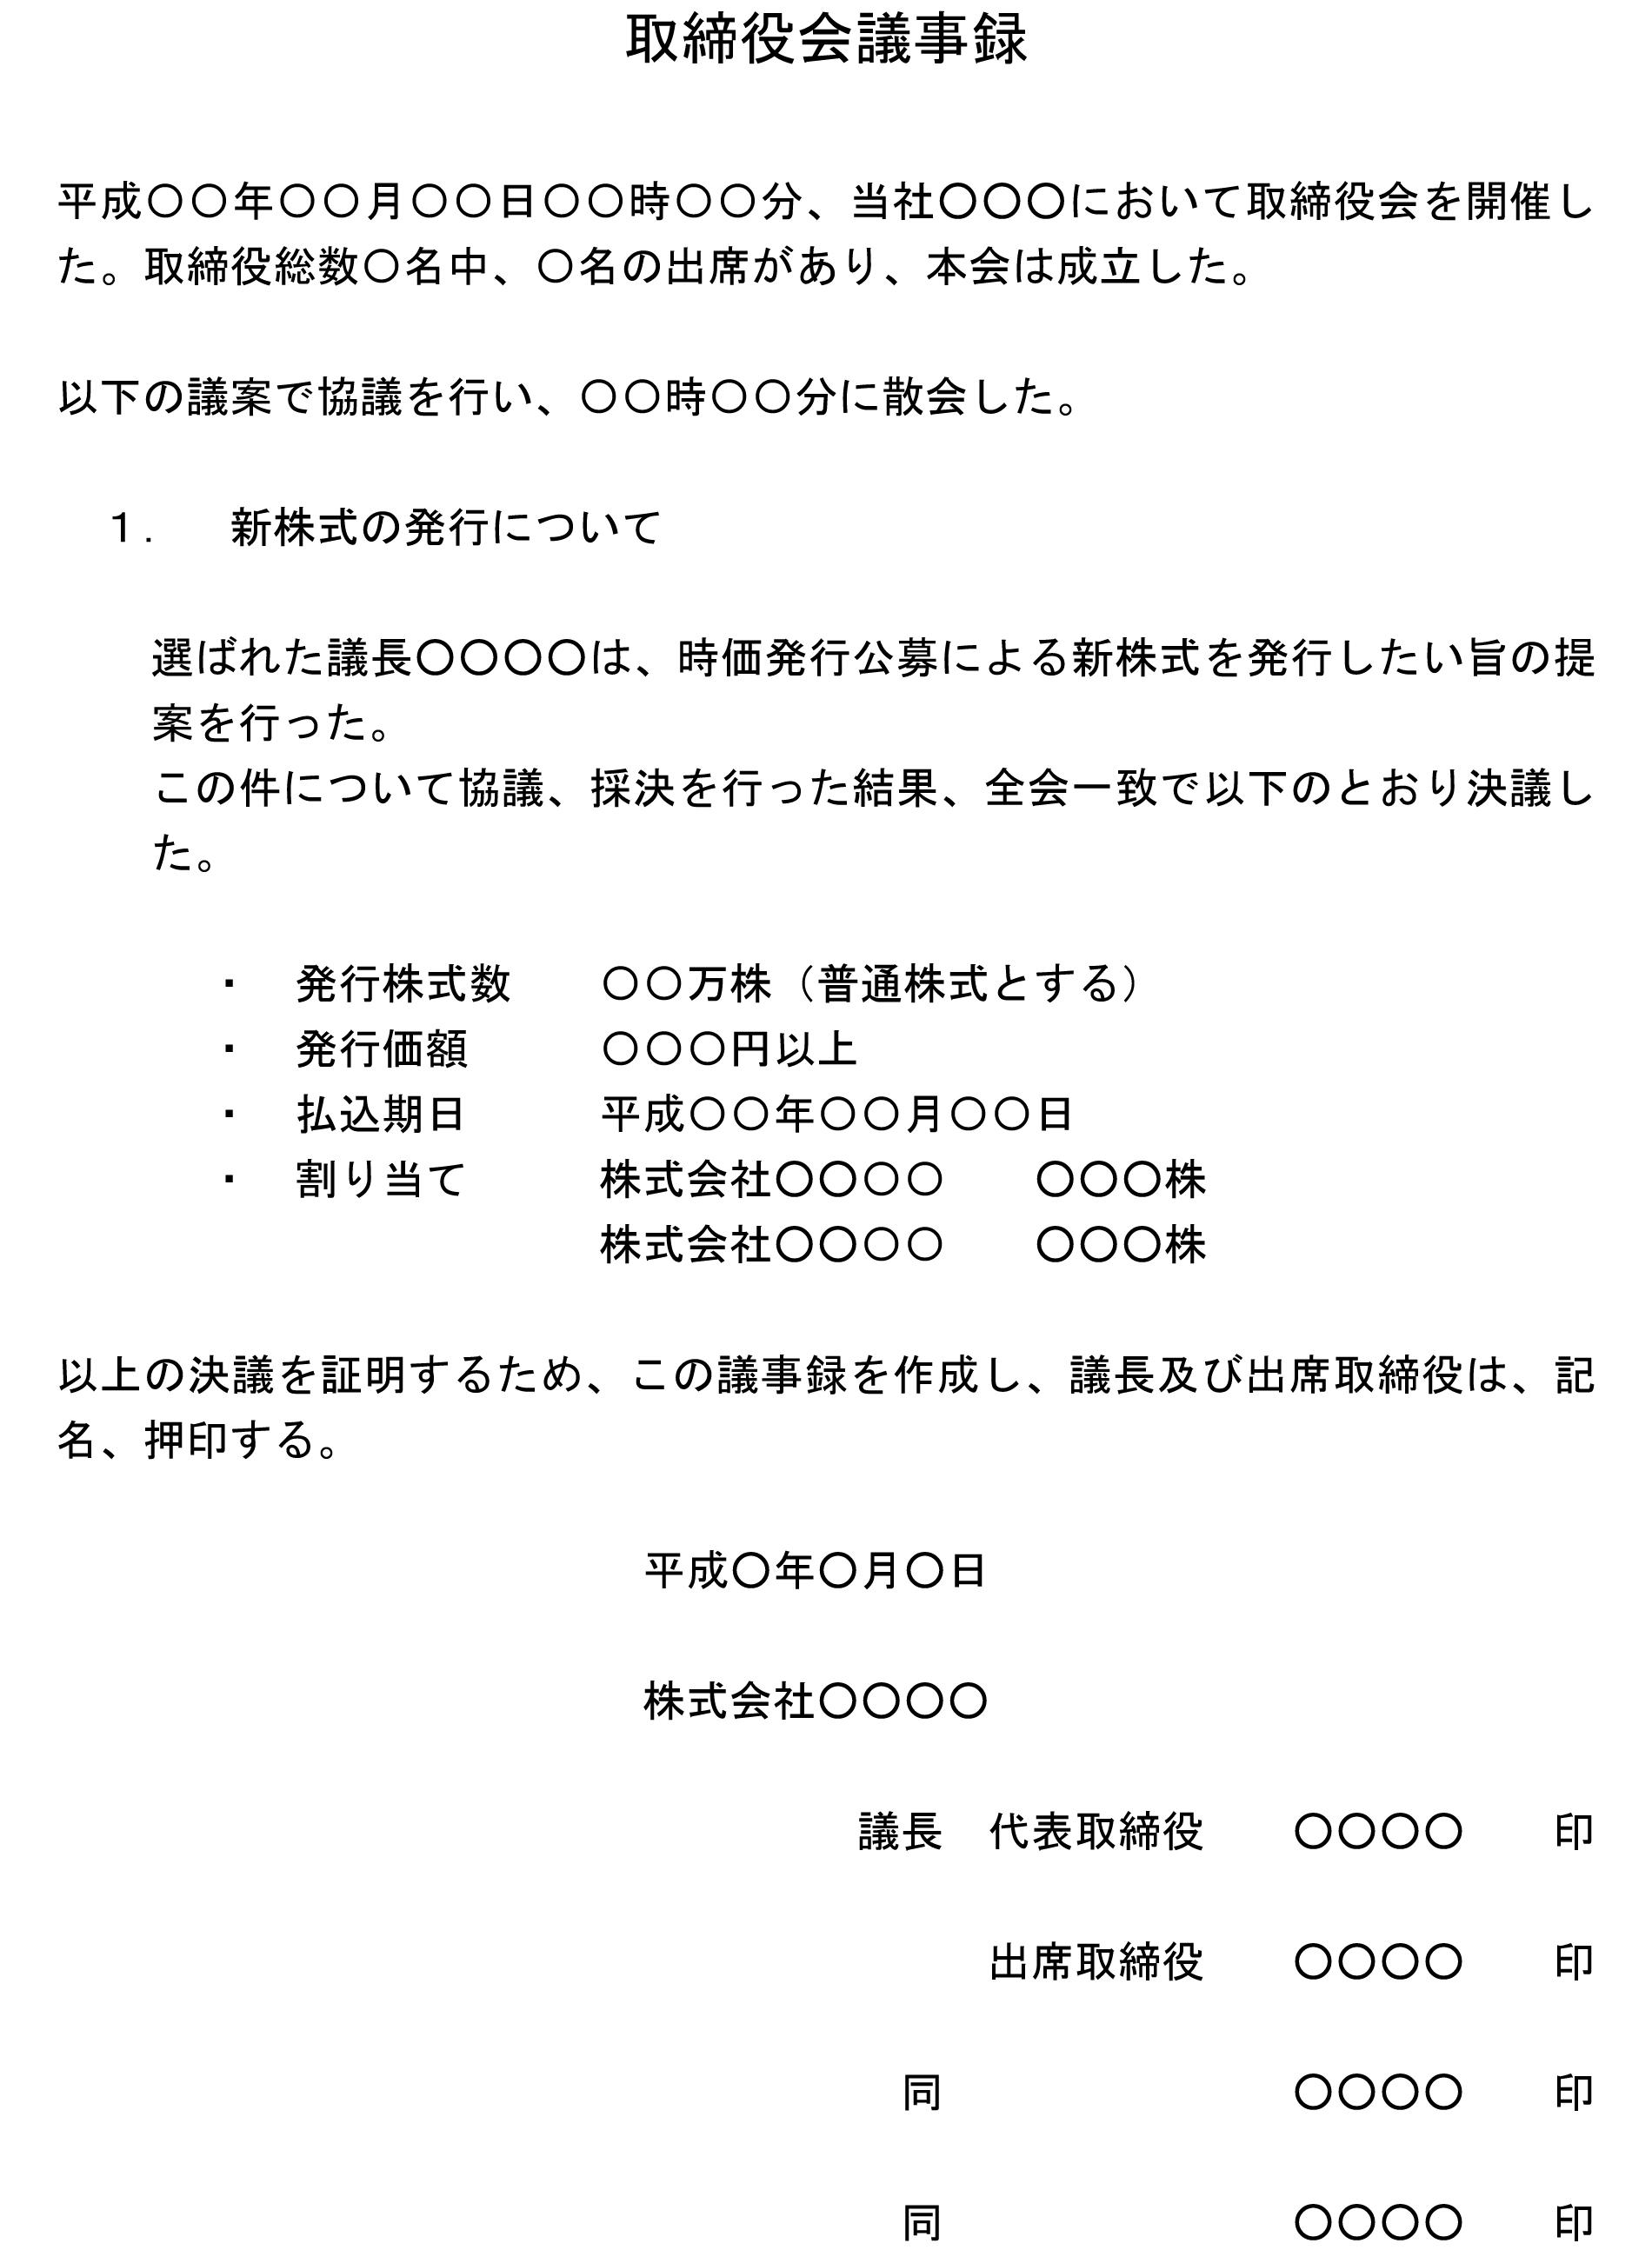 取締役会議事録(新株発行)